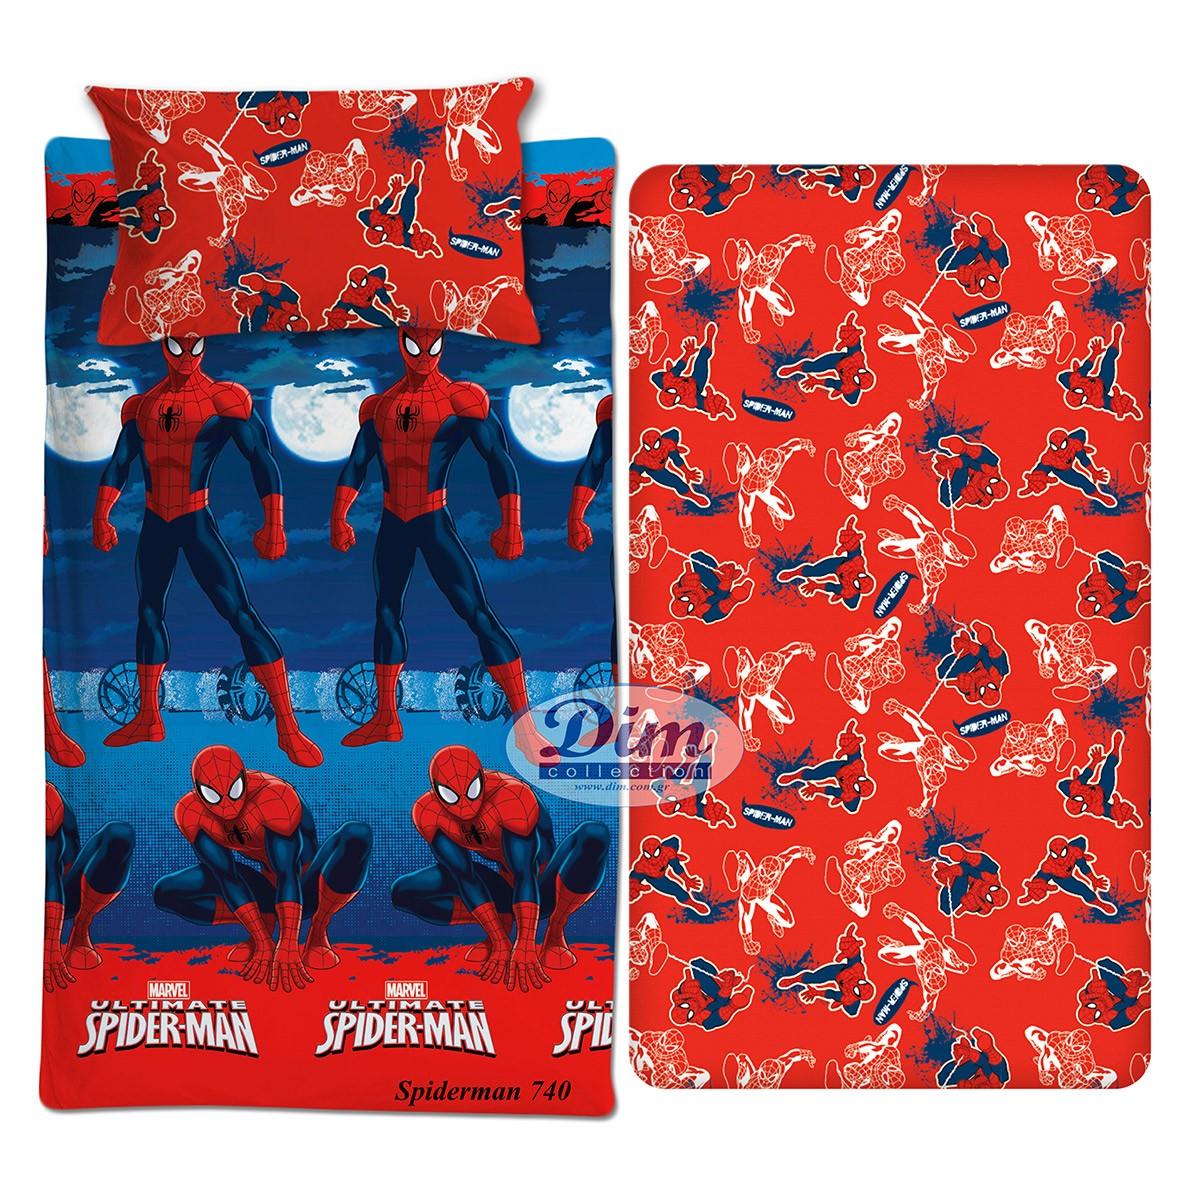 Σεντόνια Μονά (Σετ) Dim Collection Spiderman 740 86653